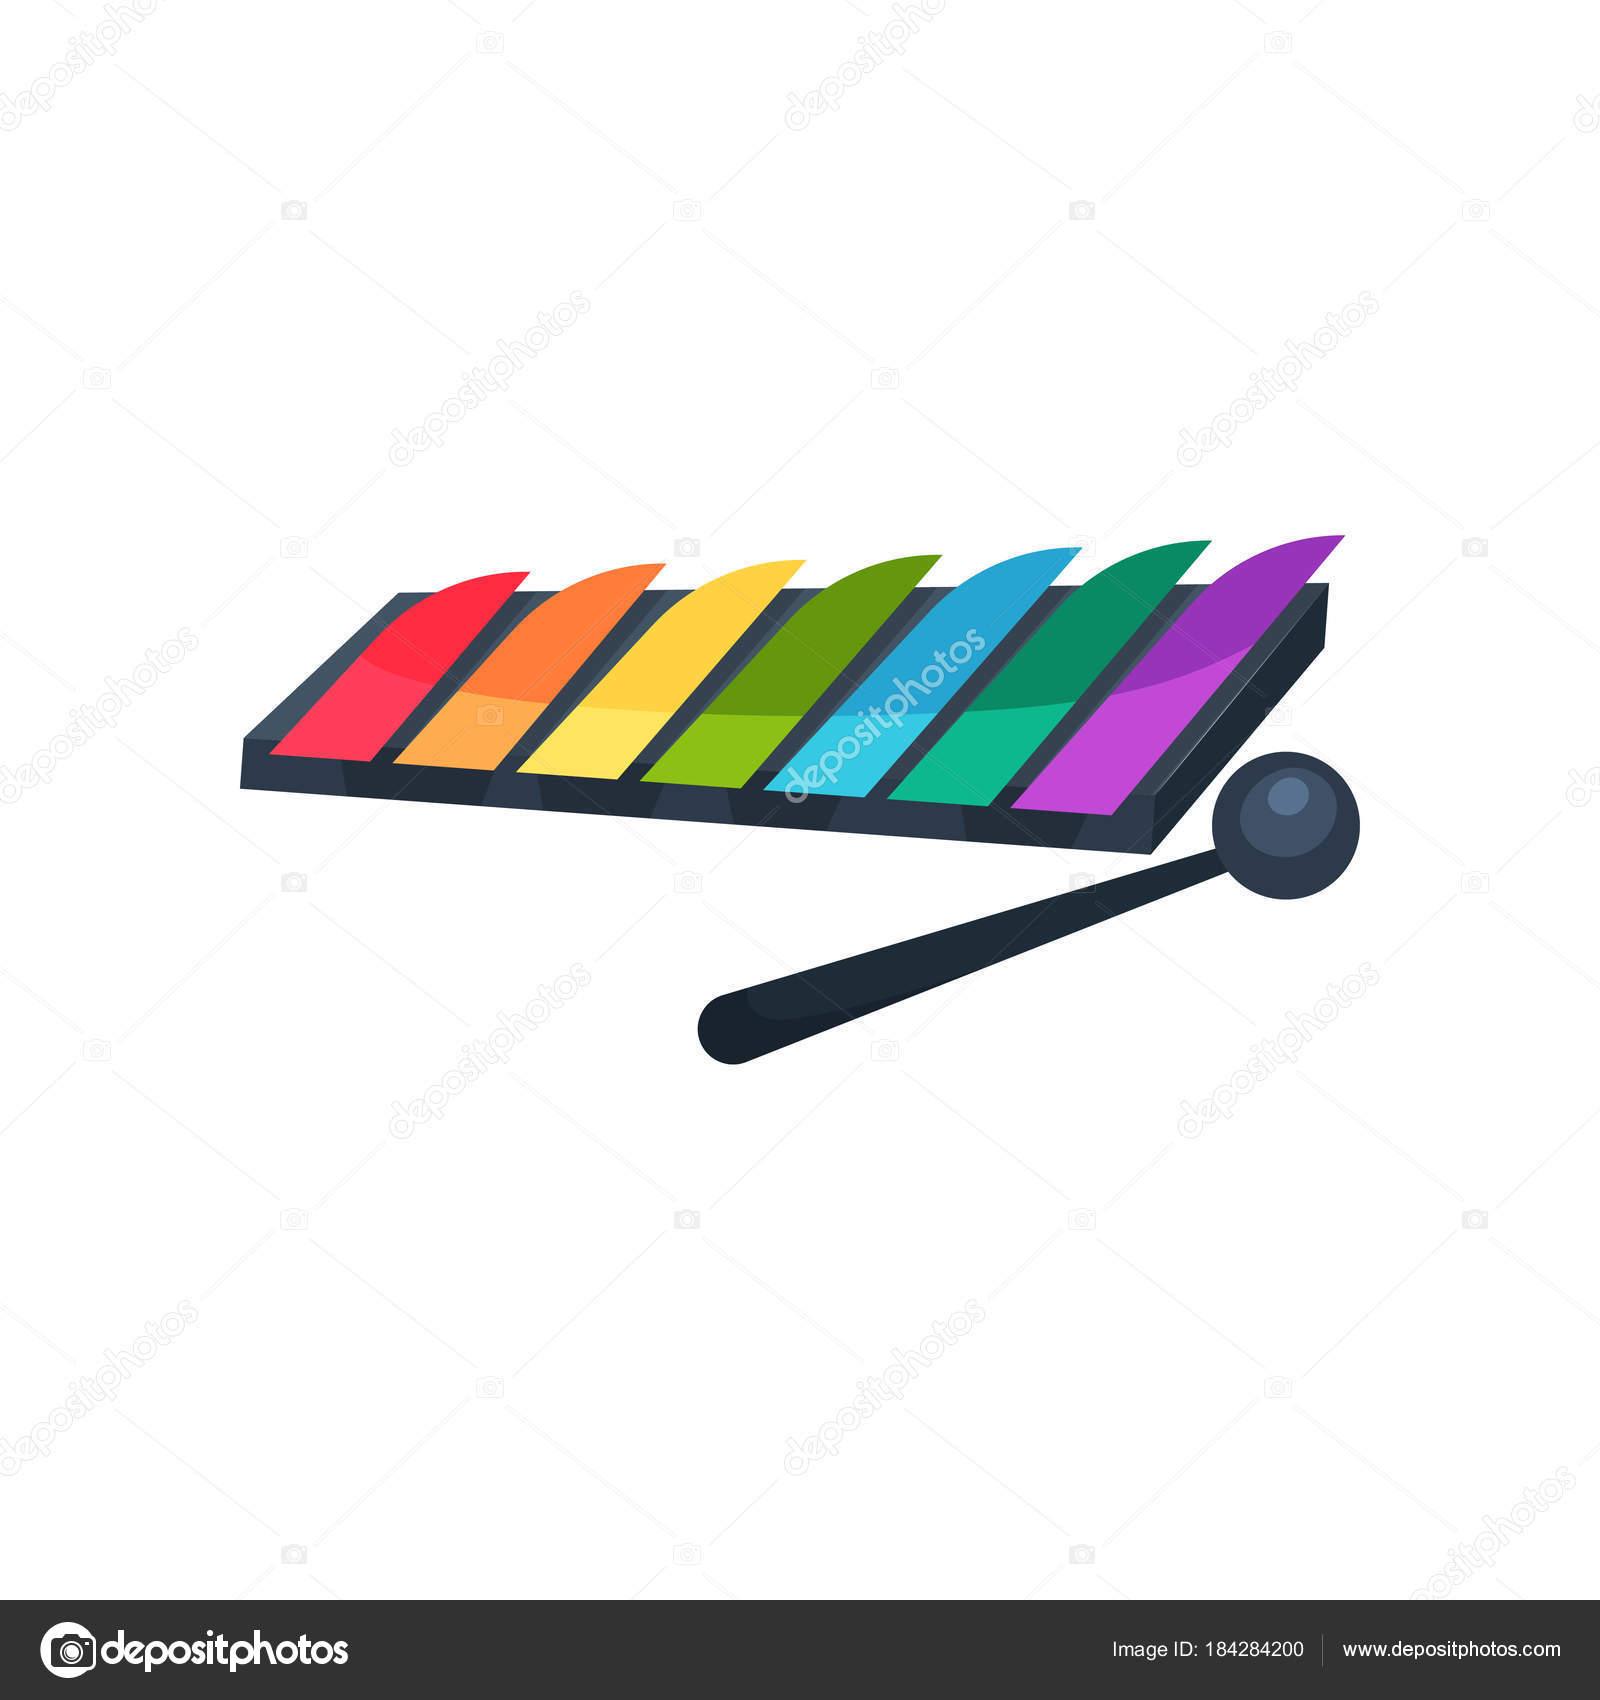 Icone De Dessin Anime De Xylophone Avec Touches Colorees Et Le Baton